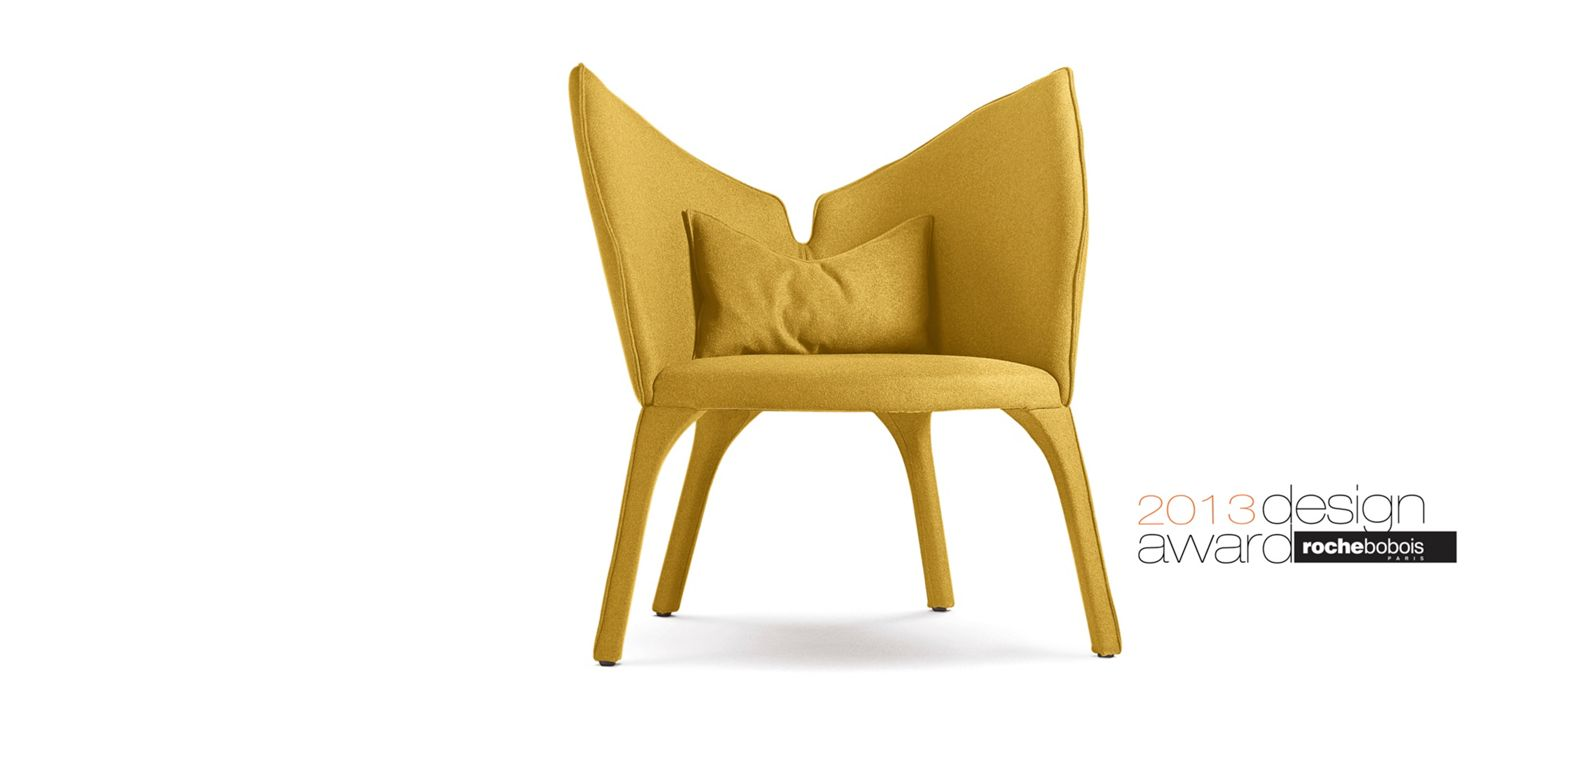 Fauteuil-Lady-B-Roche-bobois-jaune